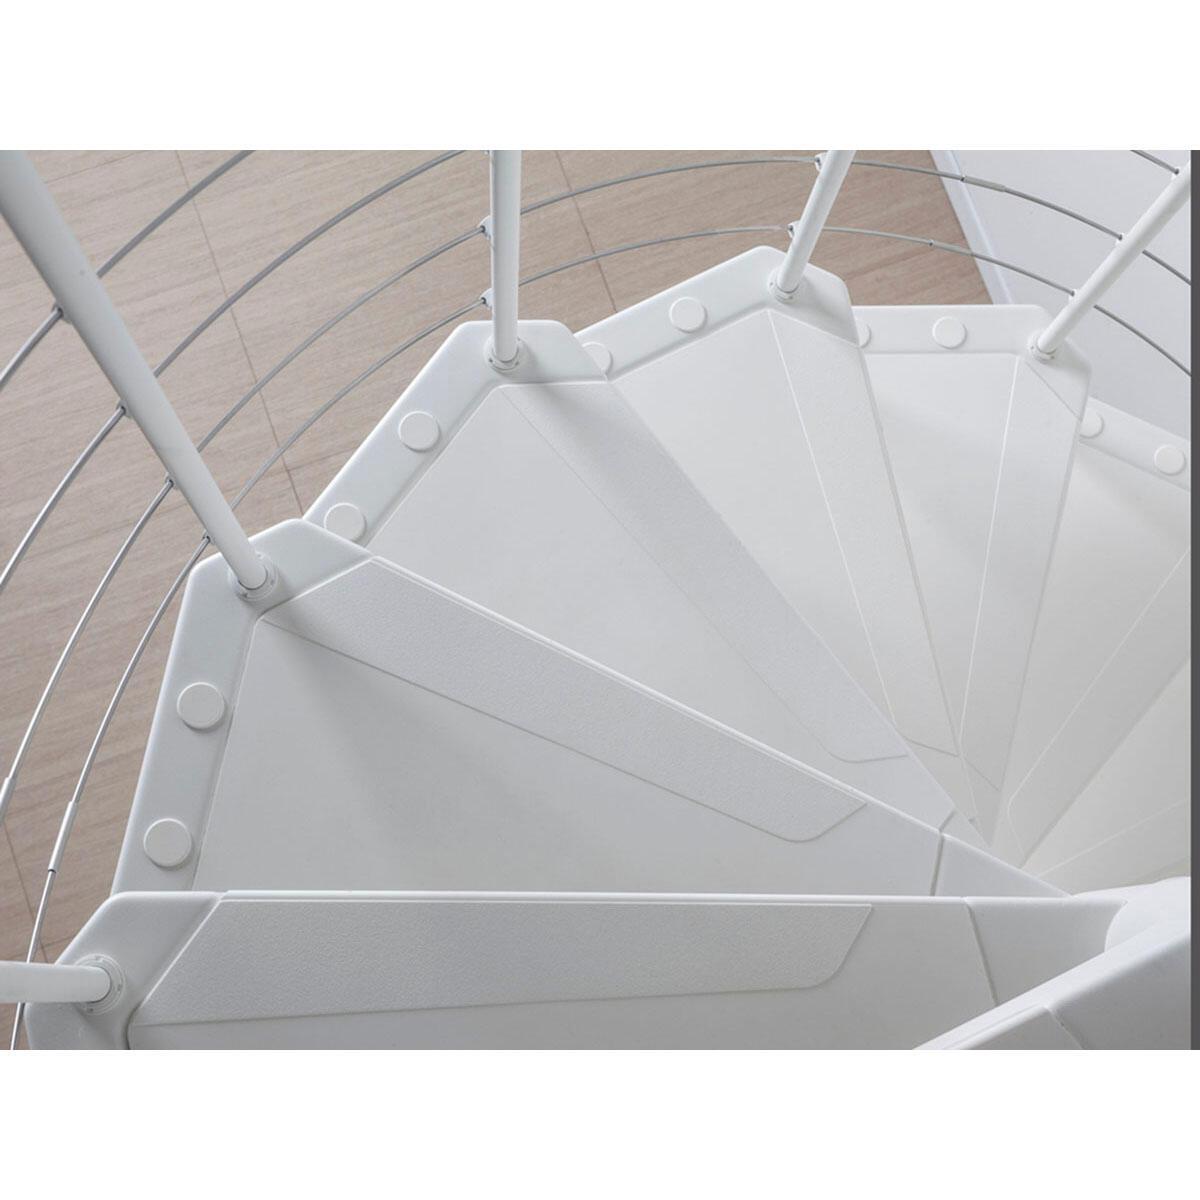 Scala a chiocciola tonda Gexi FONTANOT L 120 cm, gradino bianco, struttura bianco - 10